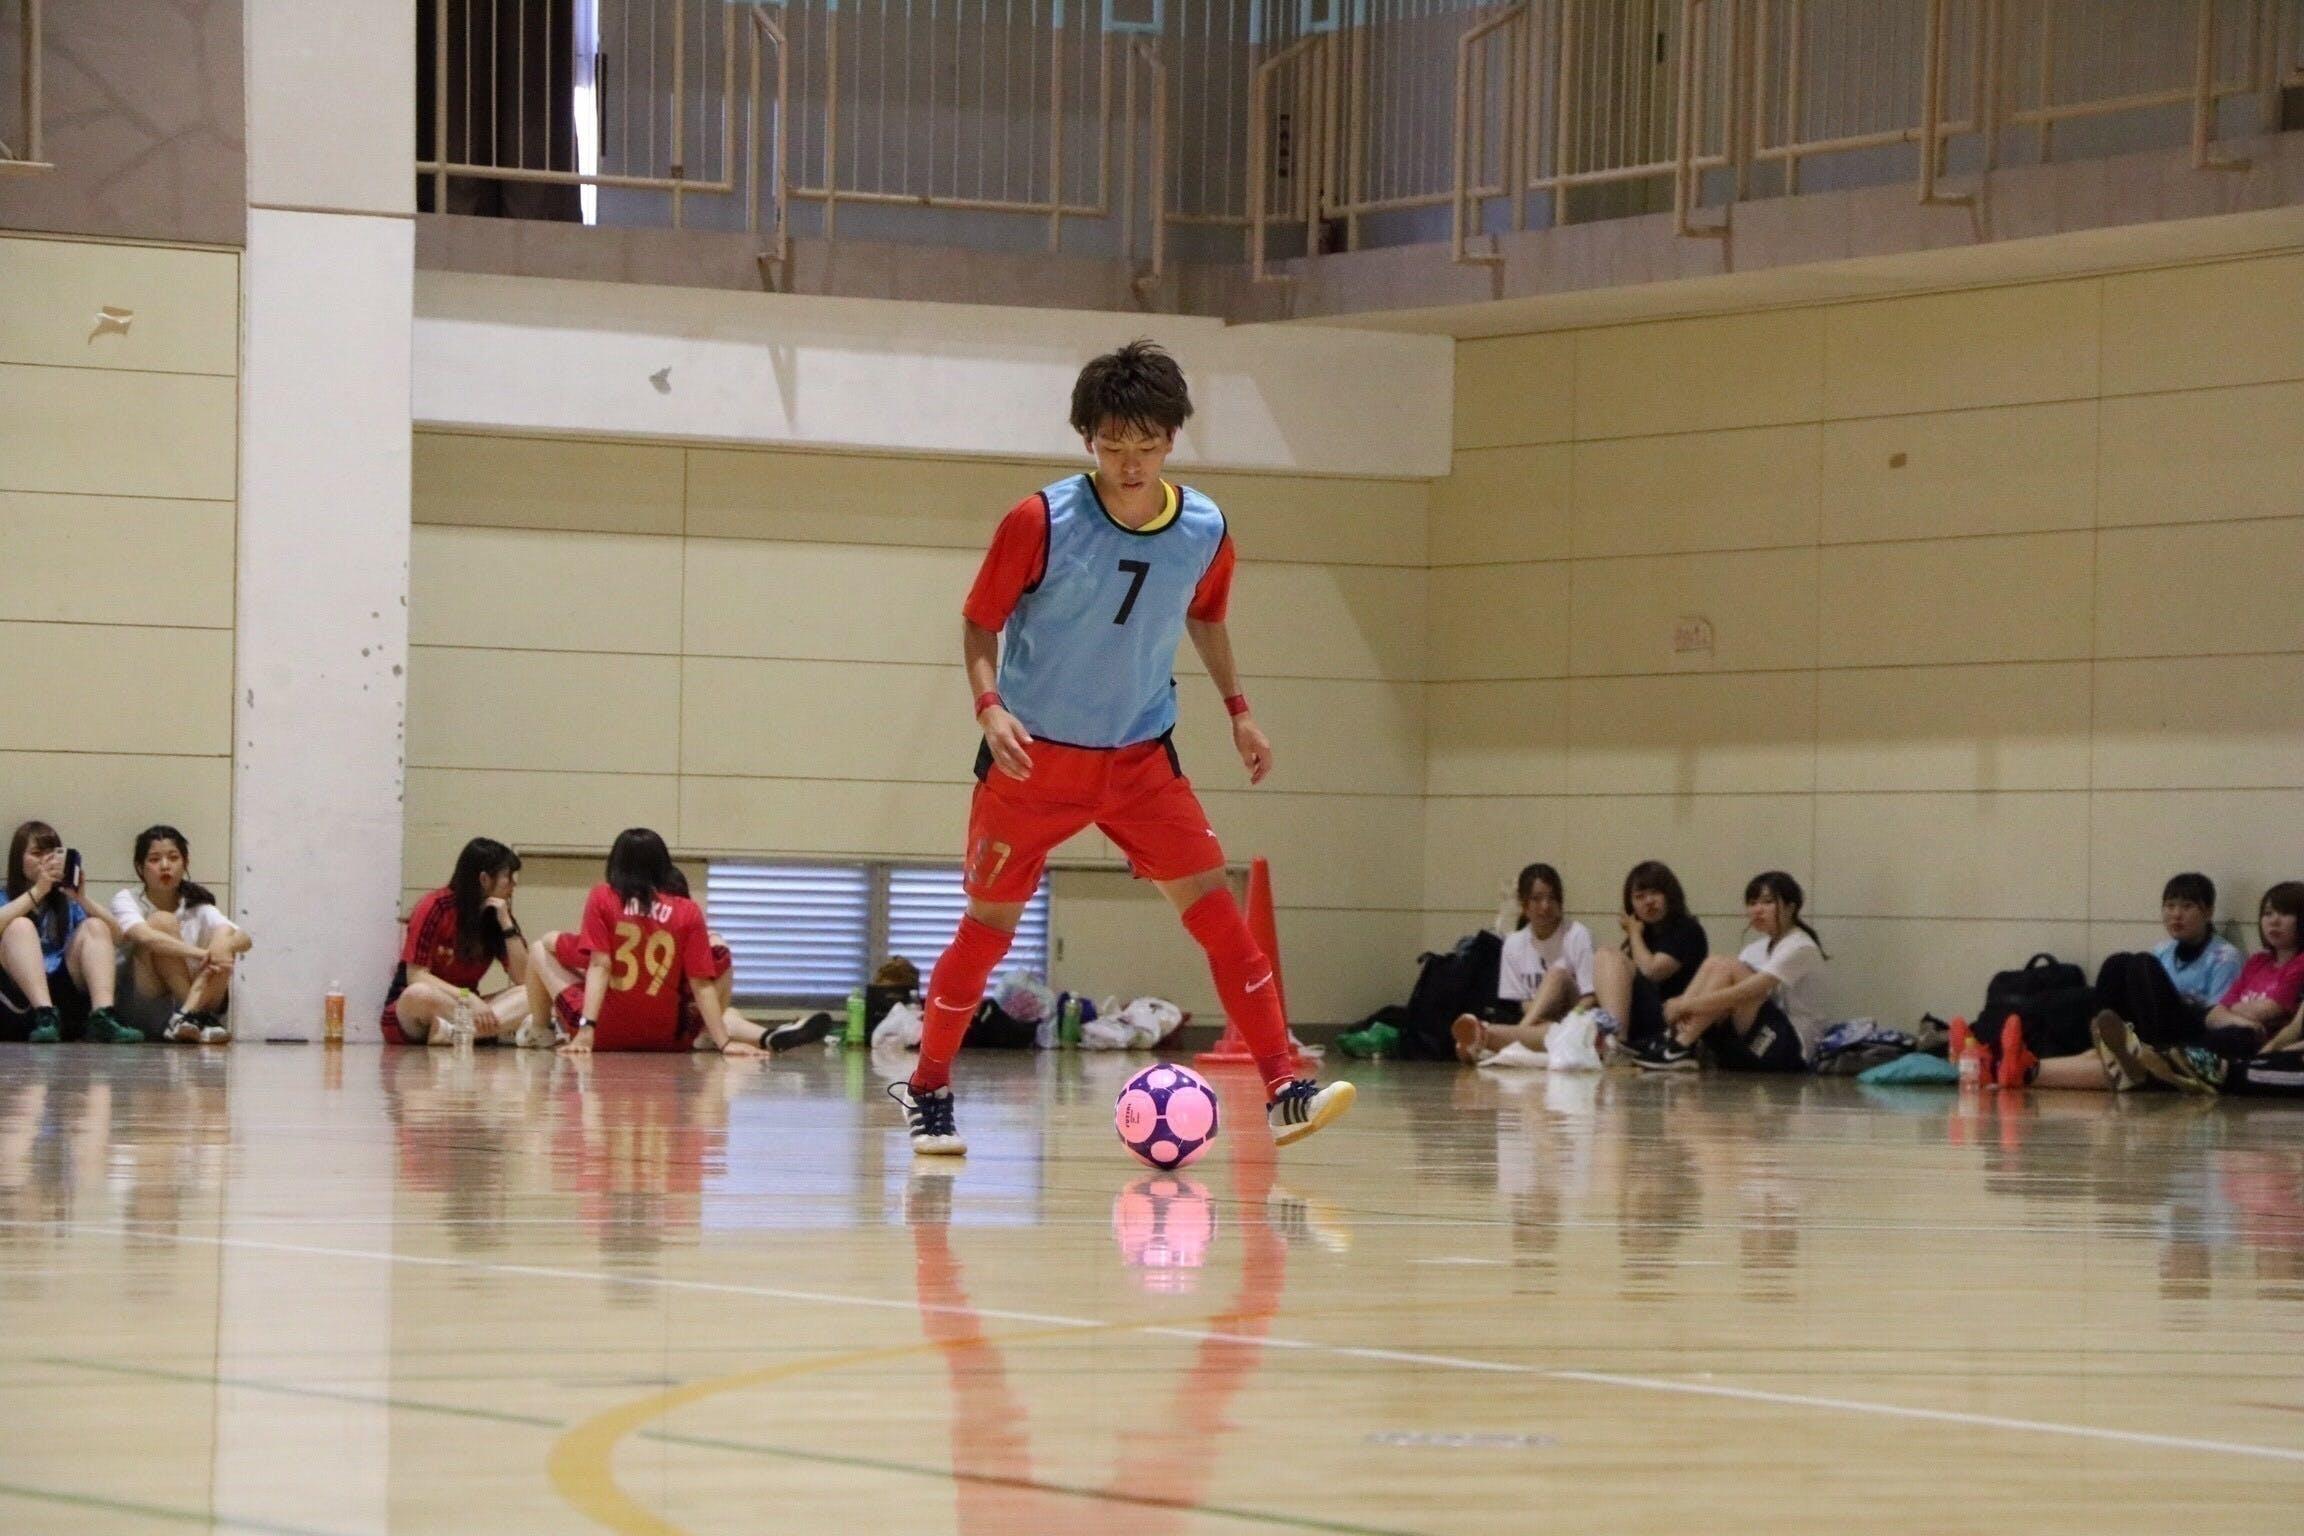 世界各地からサッカーの魅力を発信したい!